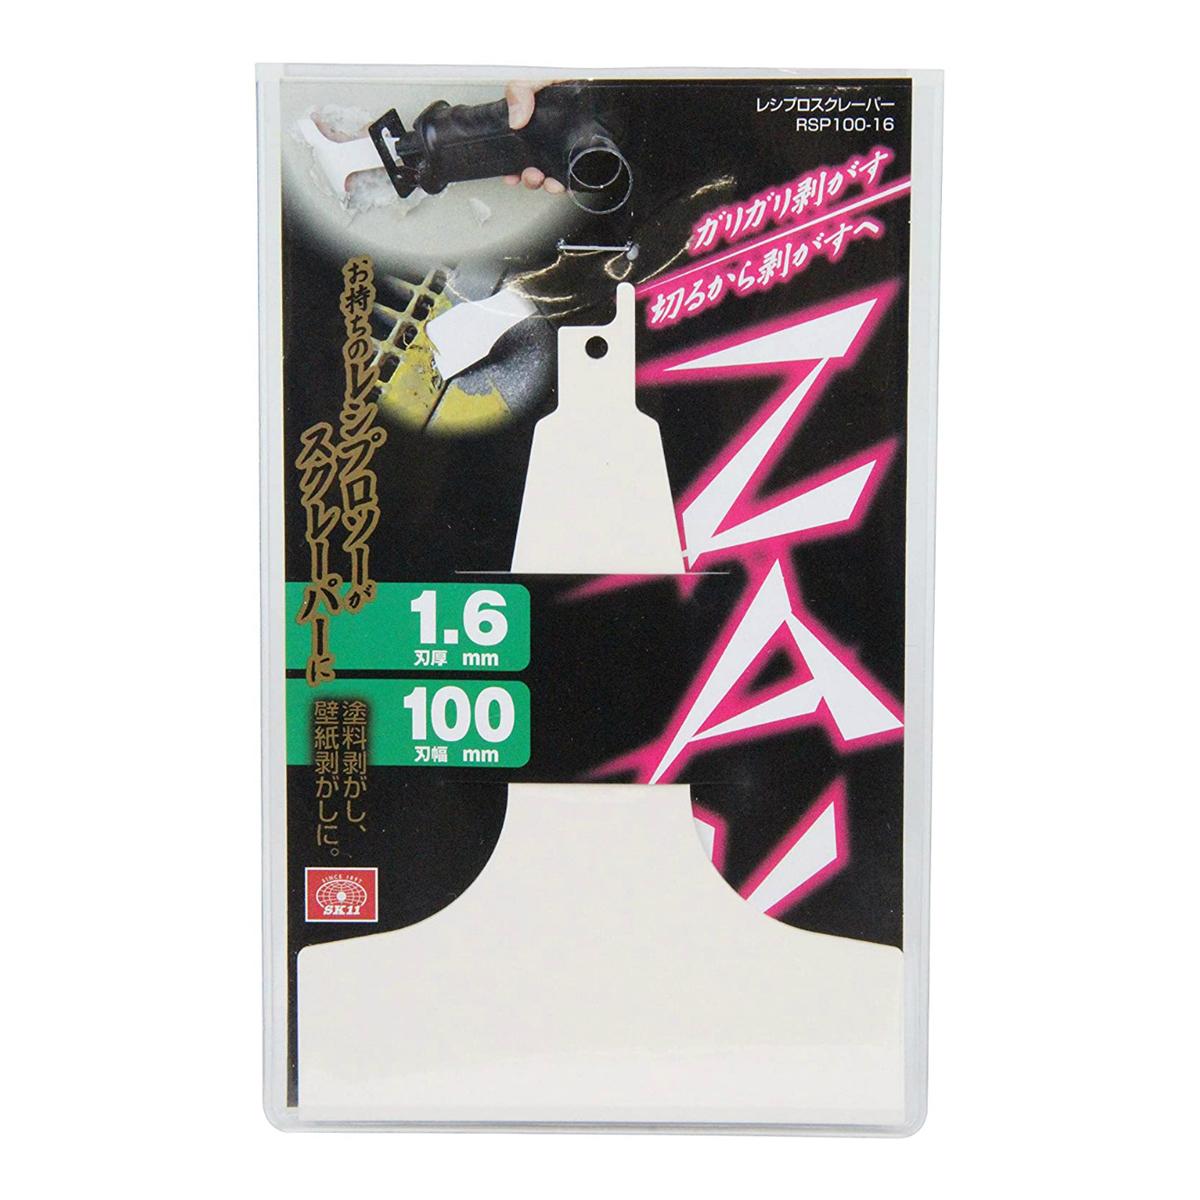 レシプロソーのパワーで楽にはがし作業ができます 4977292304887 あわせ買い2999円以上で送料無料 藤原産業 SK11 ZAK レシプロ 1.6×100mm RSP100-16 低価格化 お買い得 スクレーパ広厚